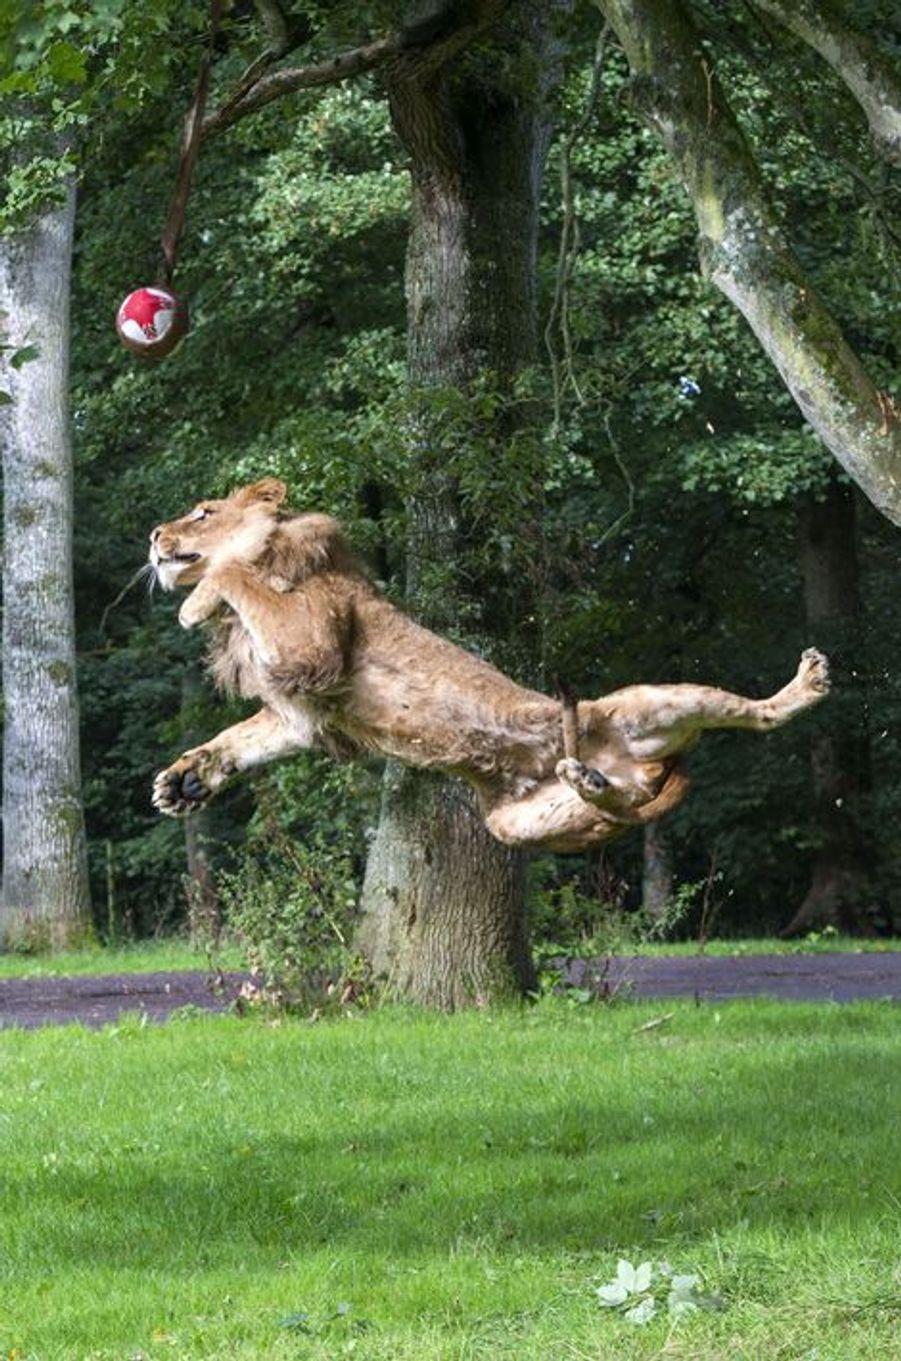 Les acrobaties du lion joueur de rugby